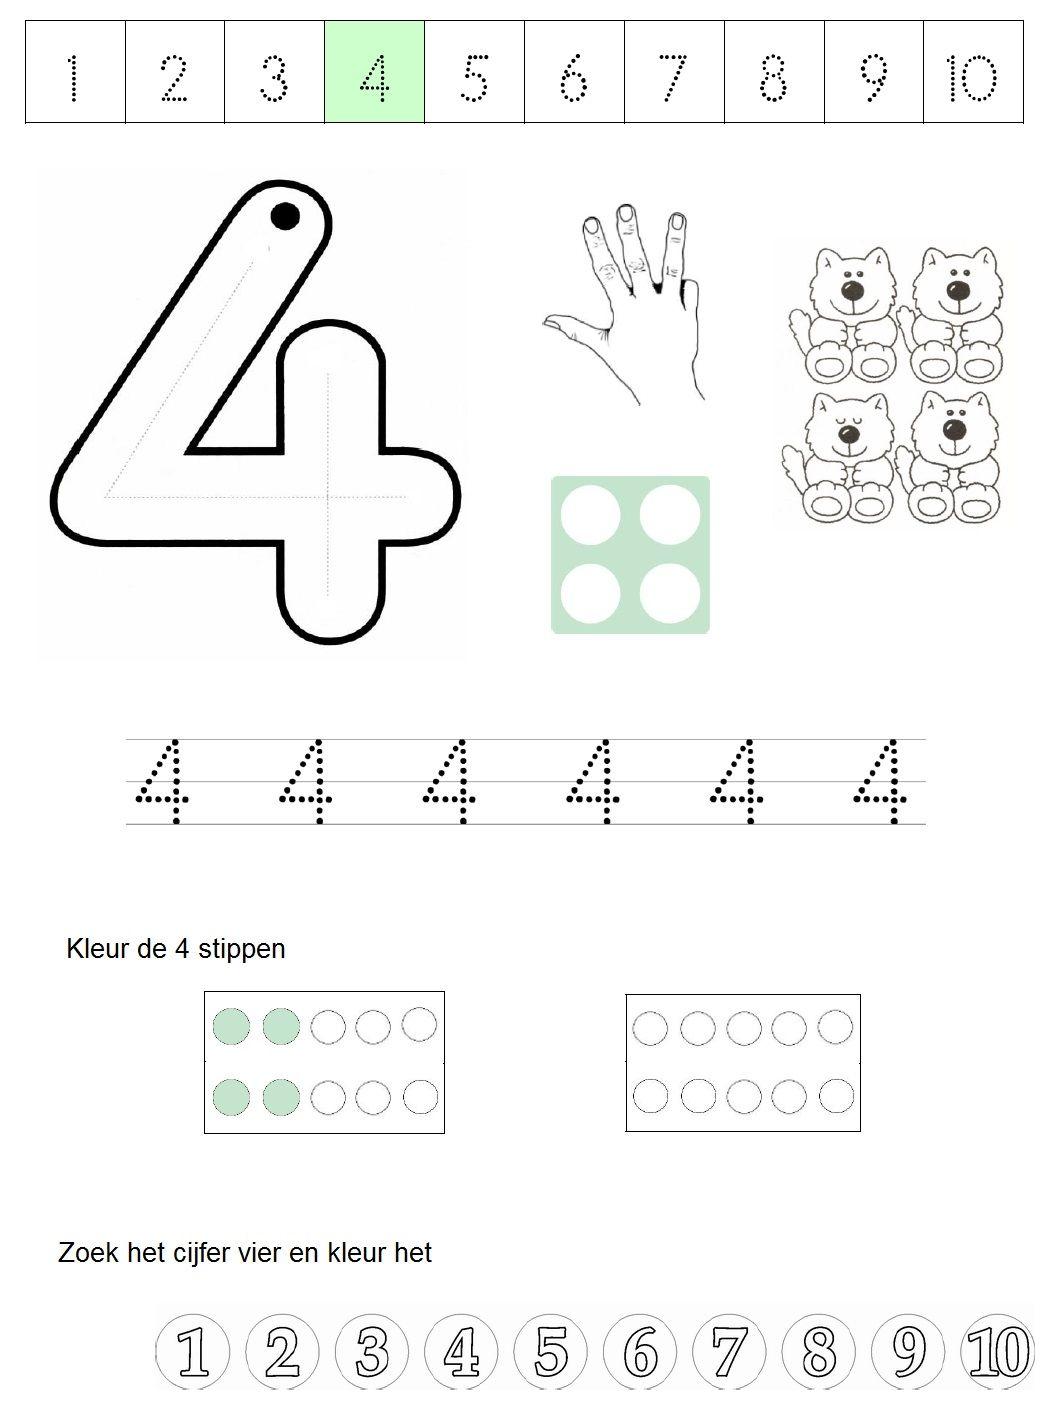 werkblad cijfer 4 cijfers leren schrijflessen werkbladen